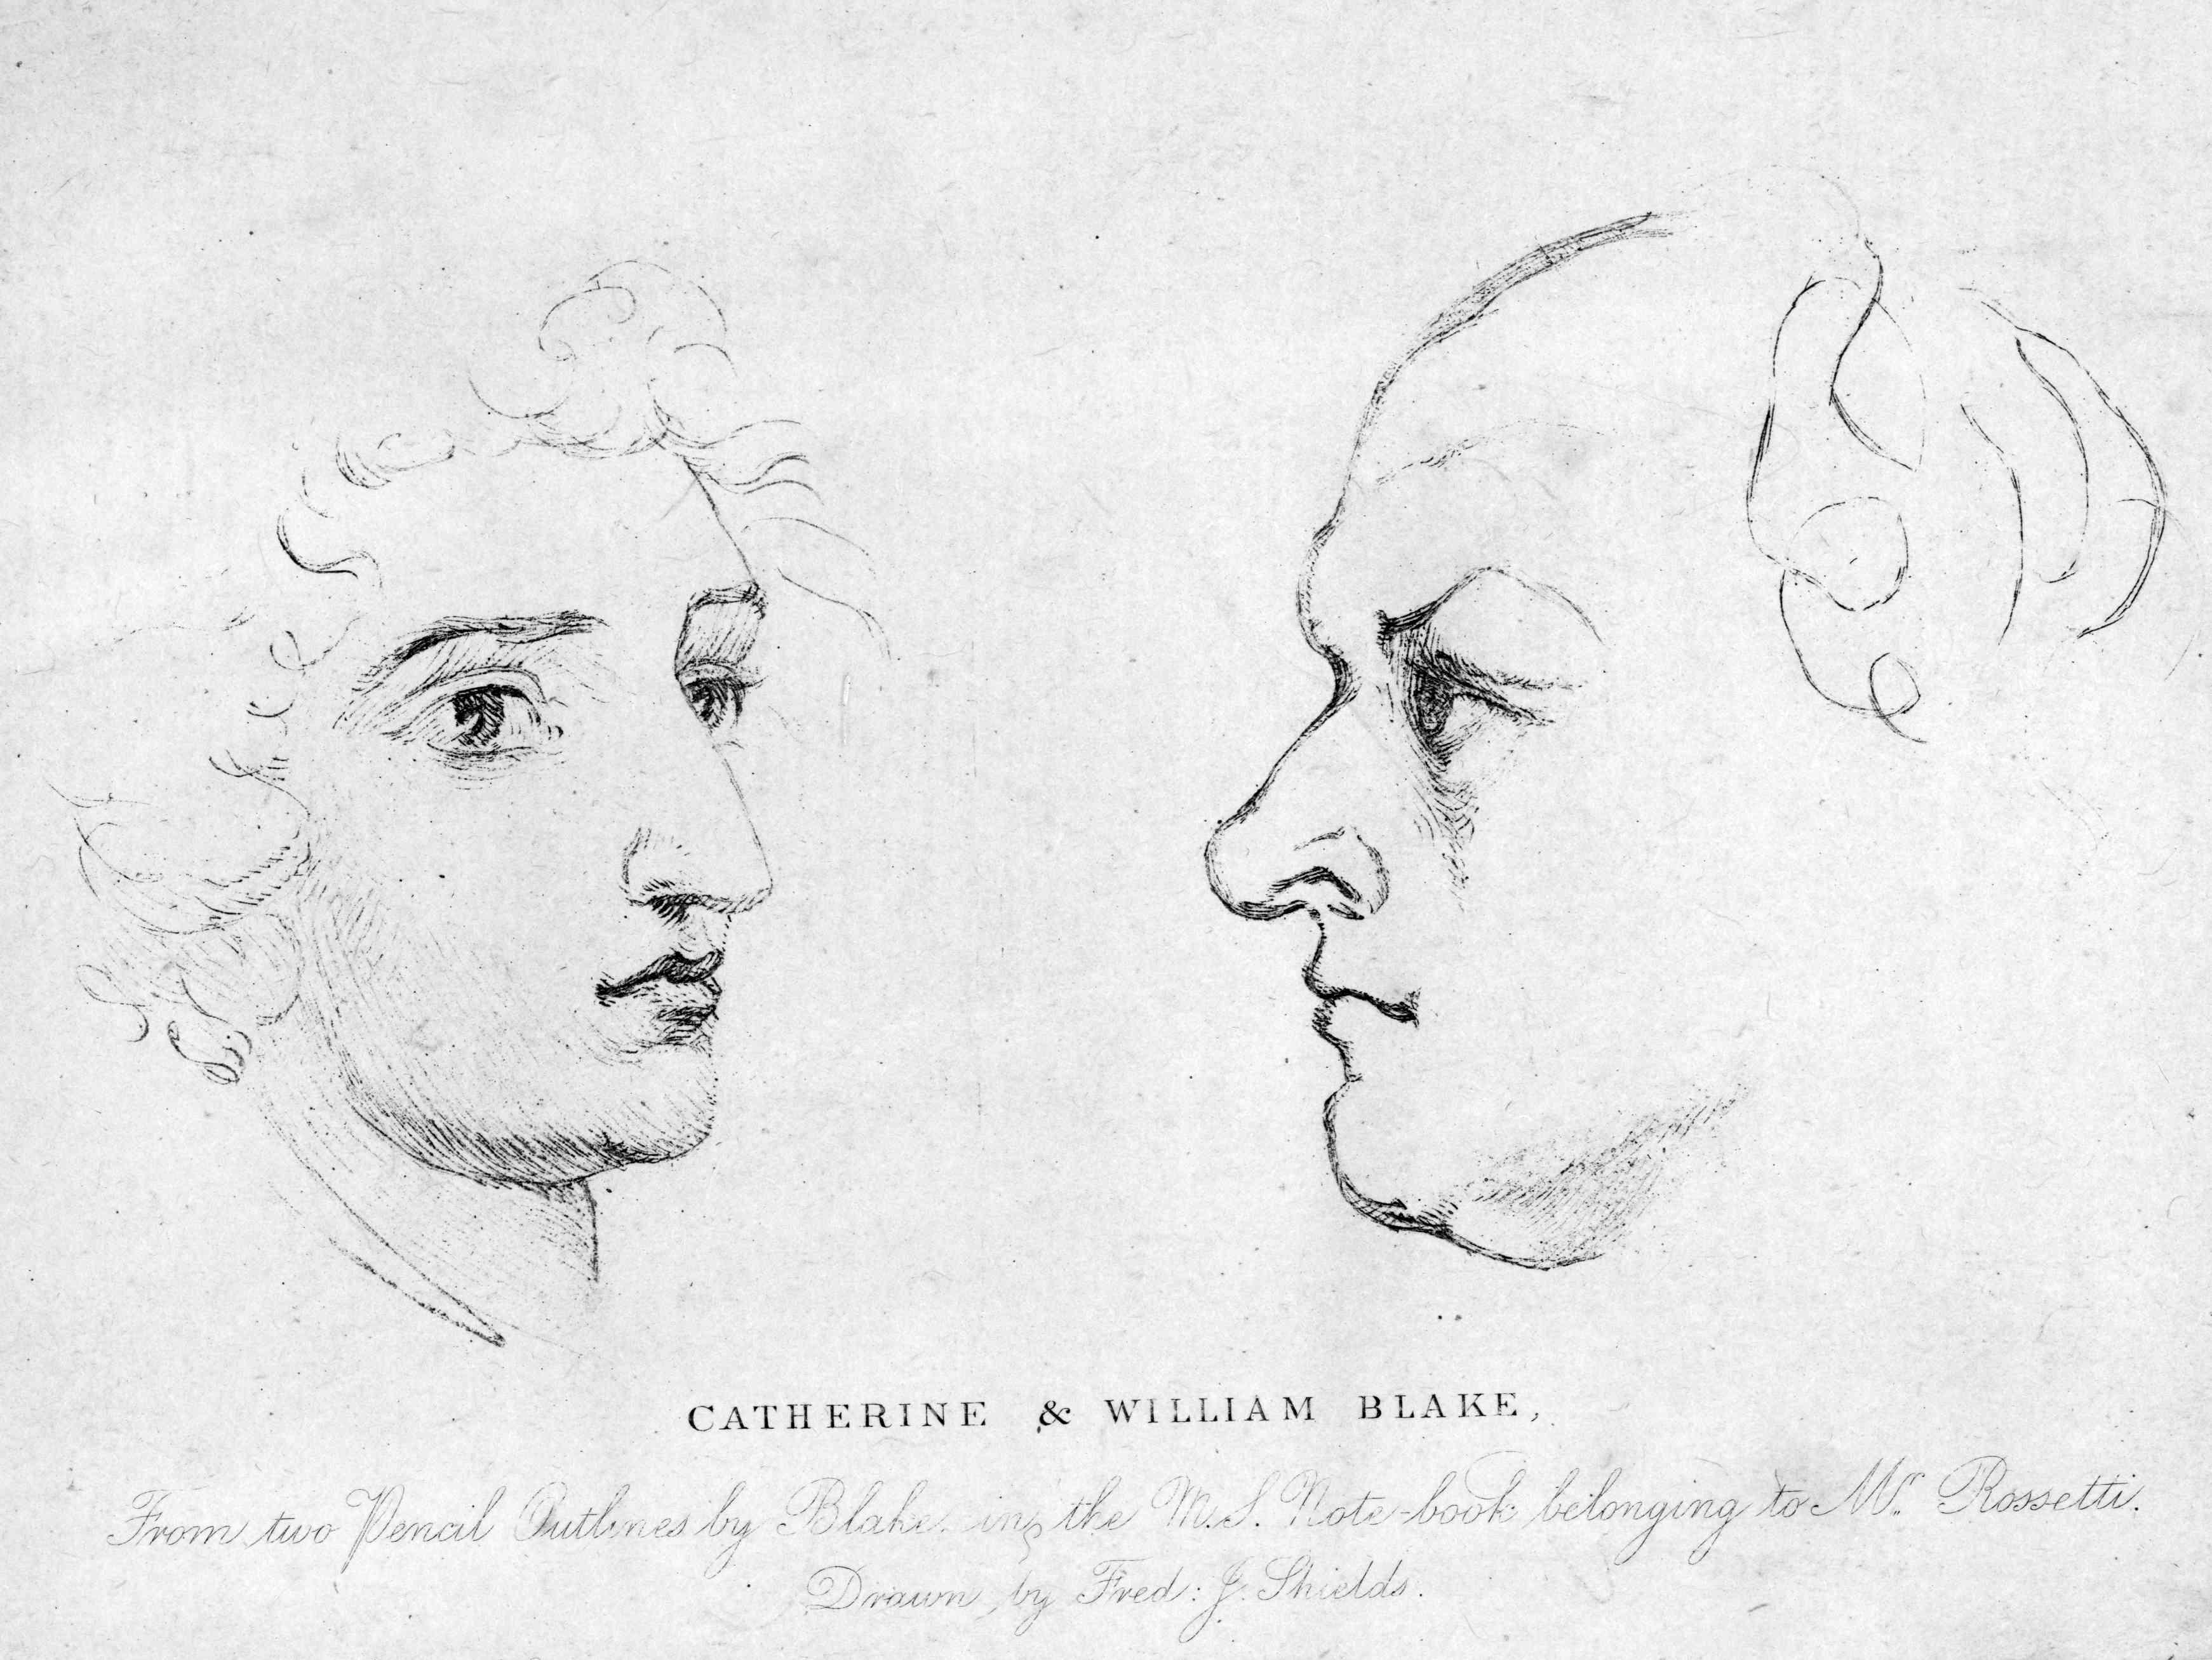 Catherine and William Blake